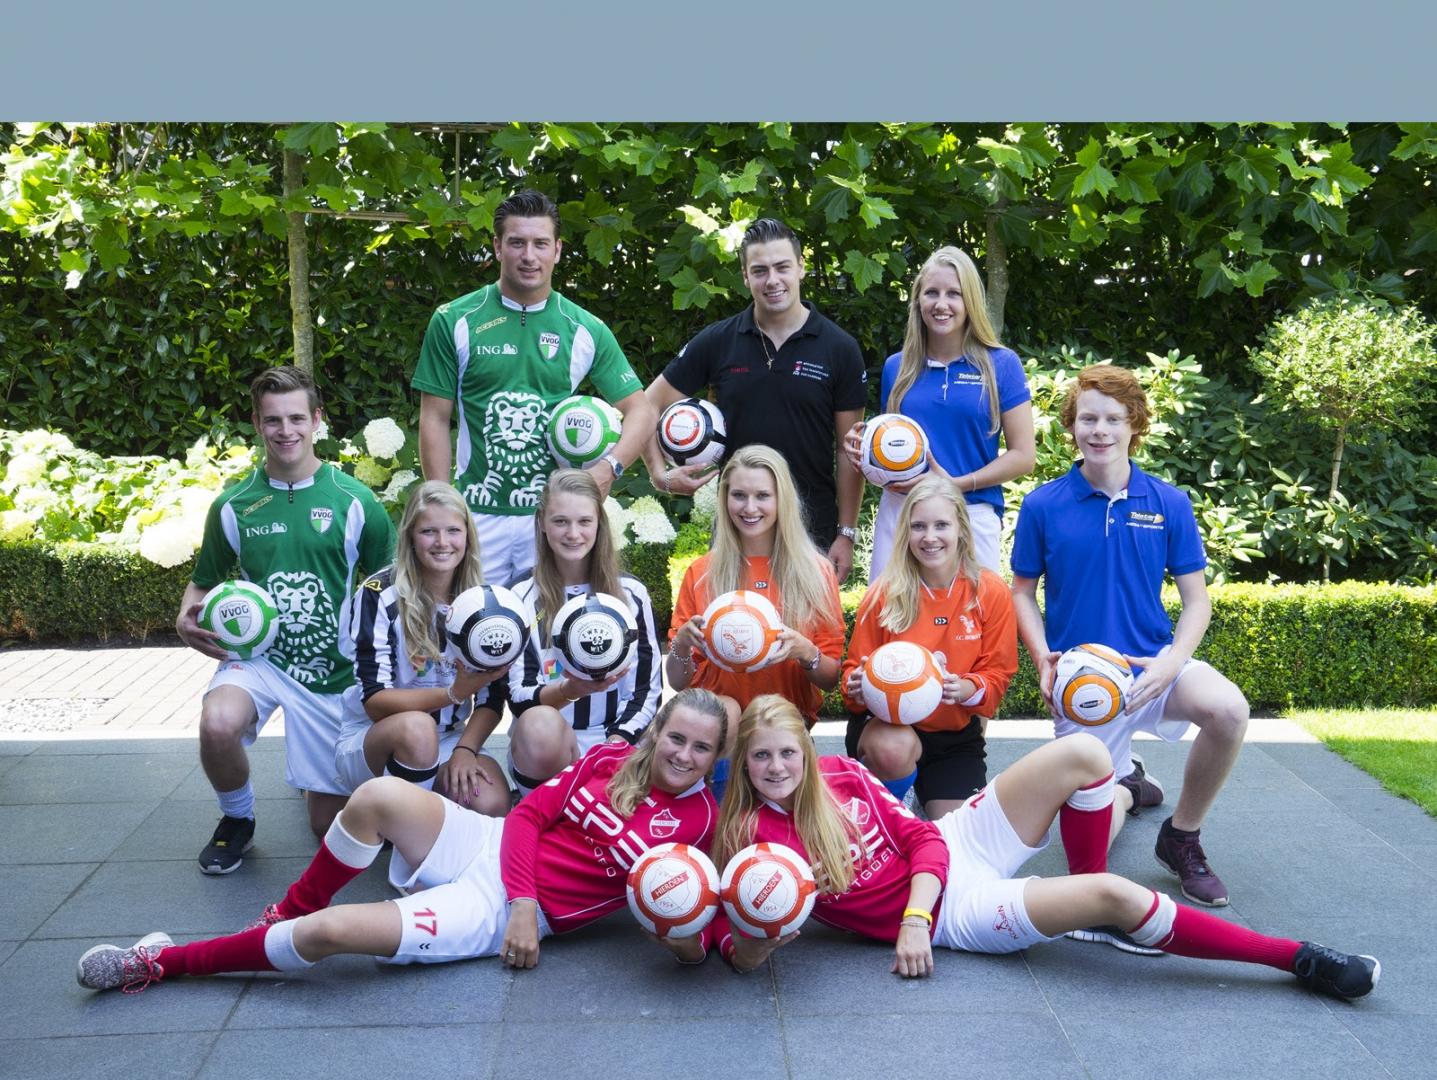 Spaar bij Broodje Kok Harderwijk voor een leren voetbal van jouw eigen voetbalclub